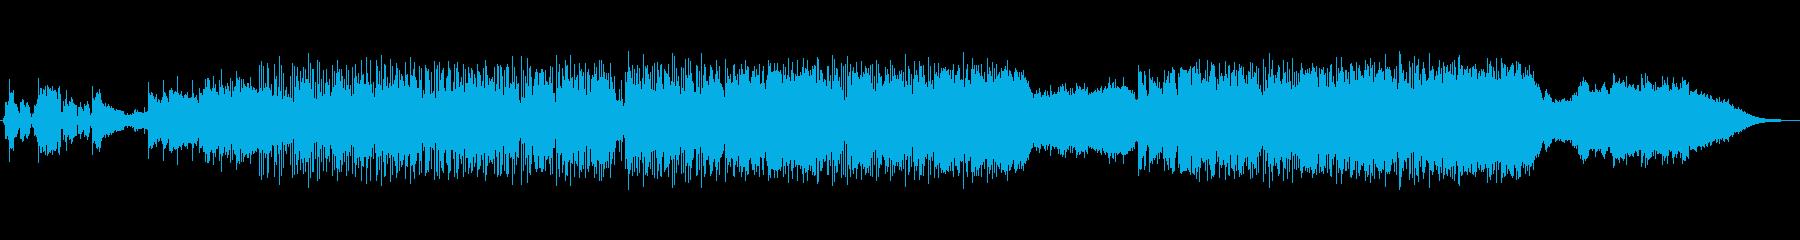 沖縄「てぃんさぐの花」〜和風ポップスの再生済みの波形